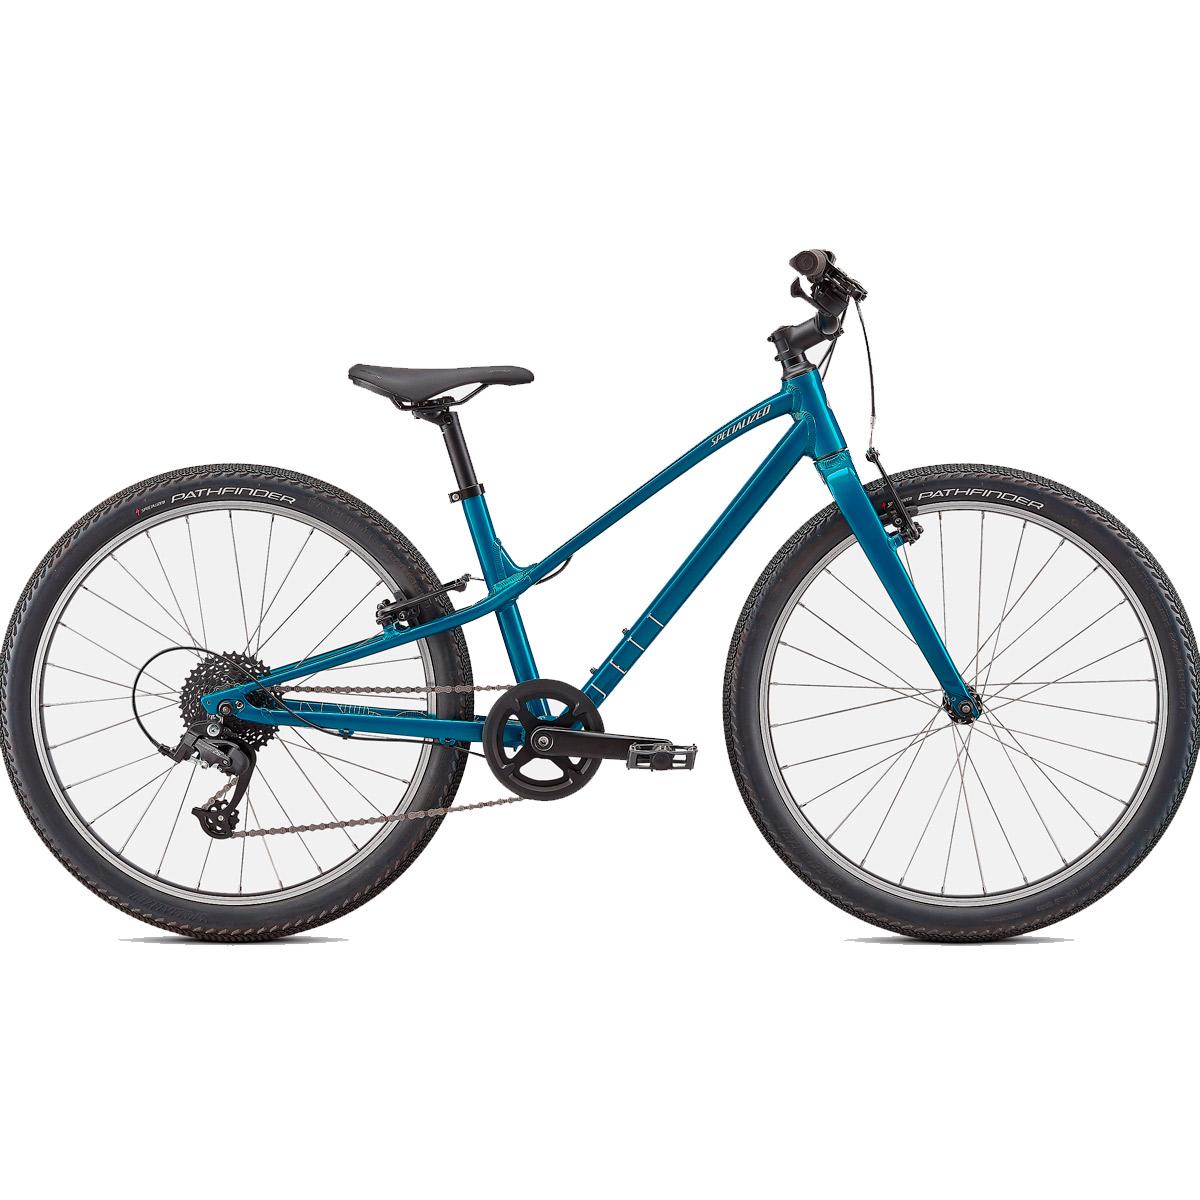 Bicicleta Specialized Jett 24 Azul 2022